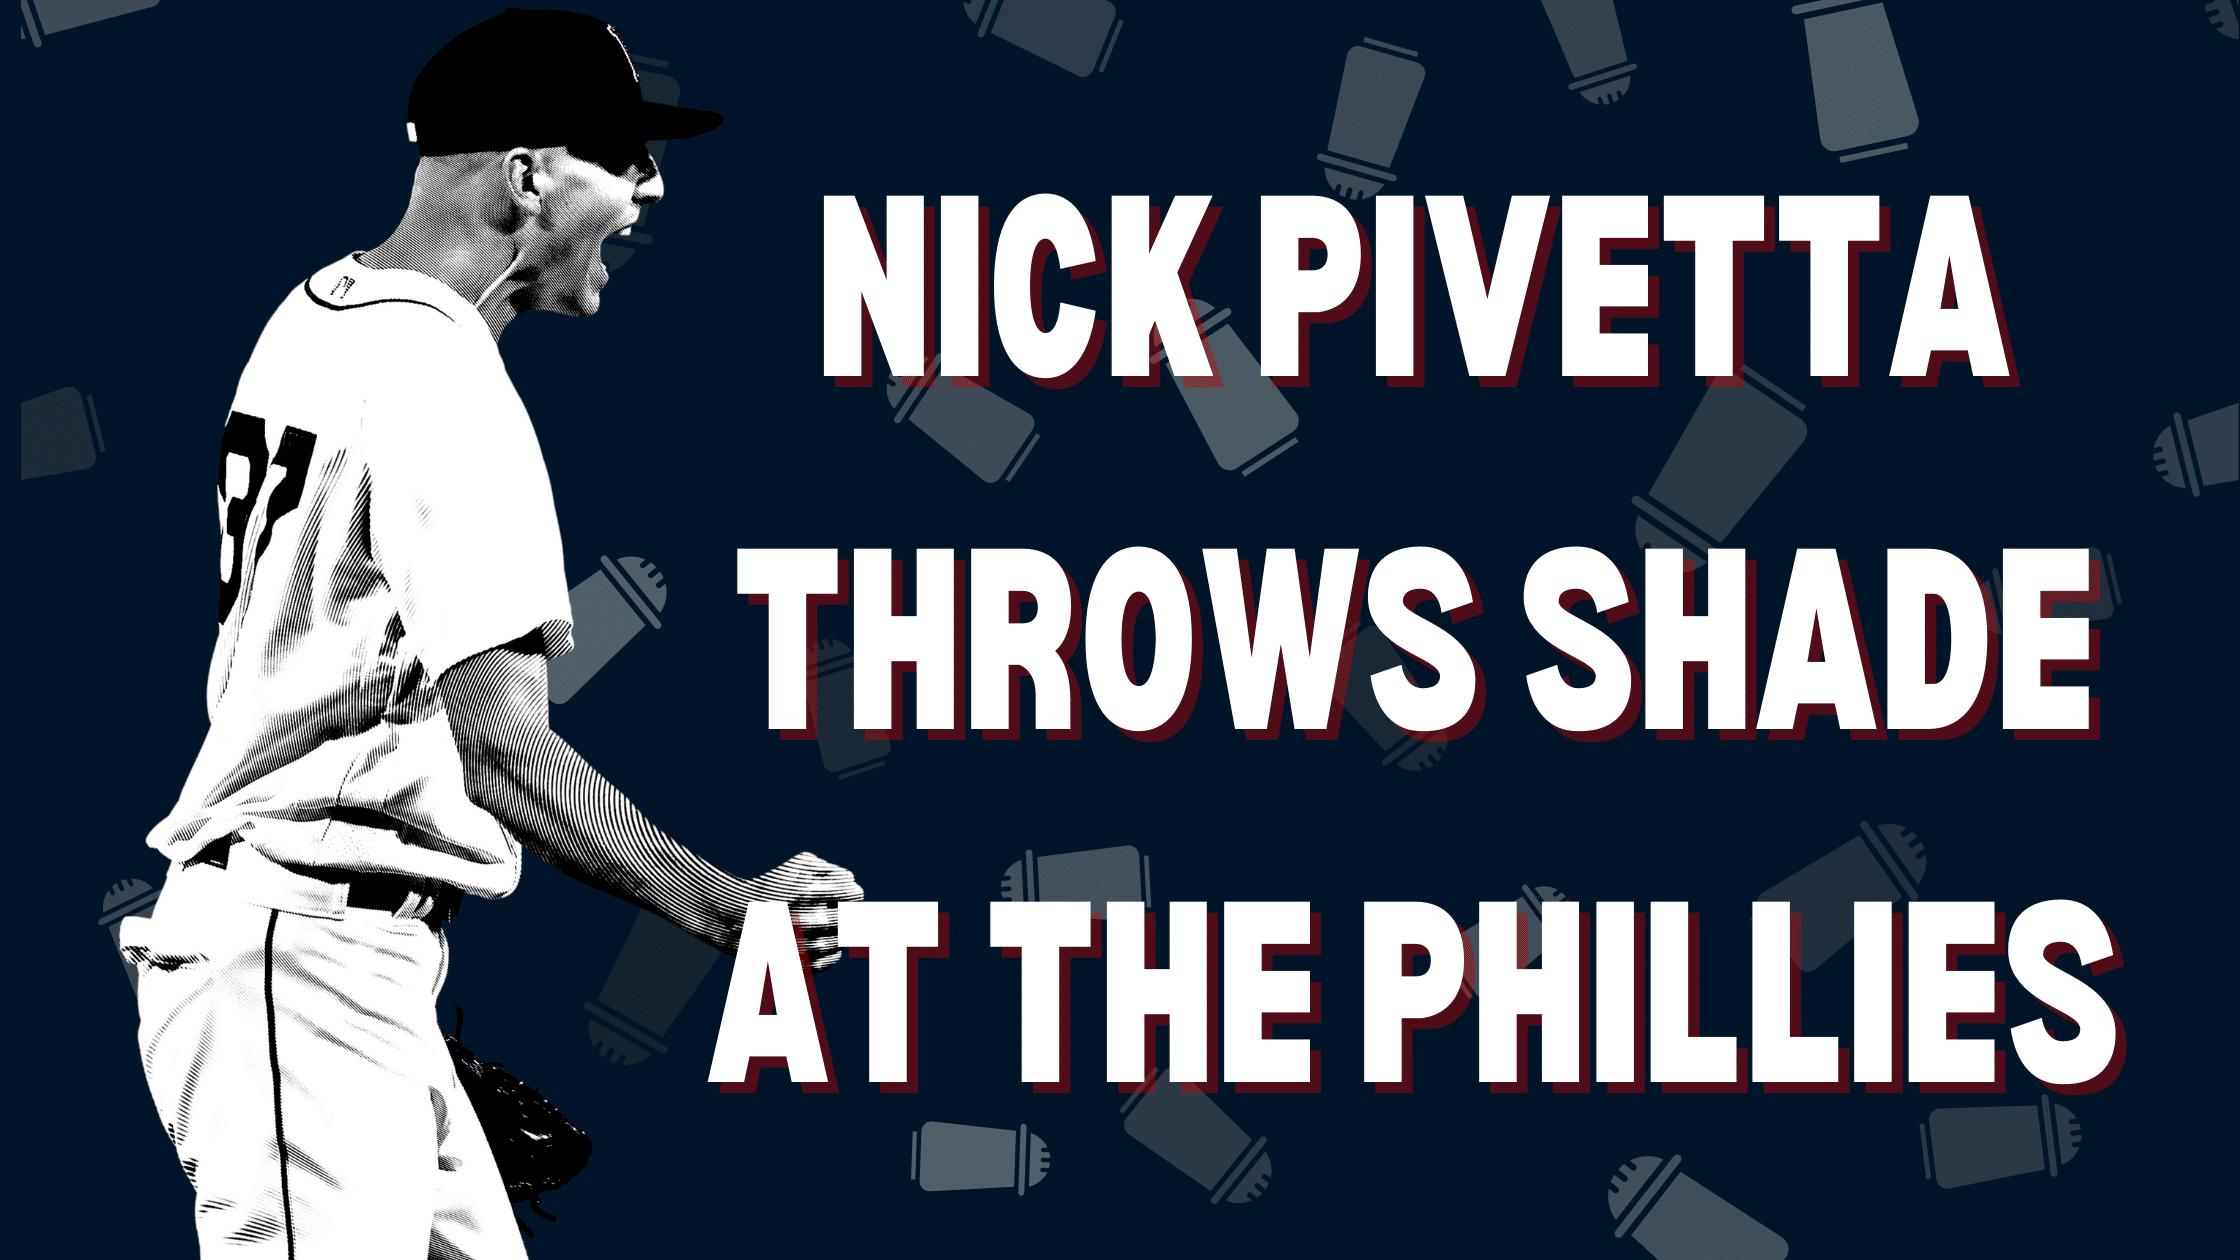 Nick Pivetta